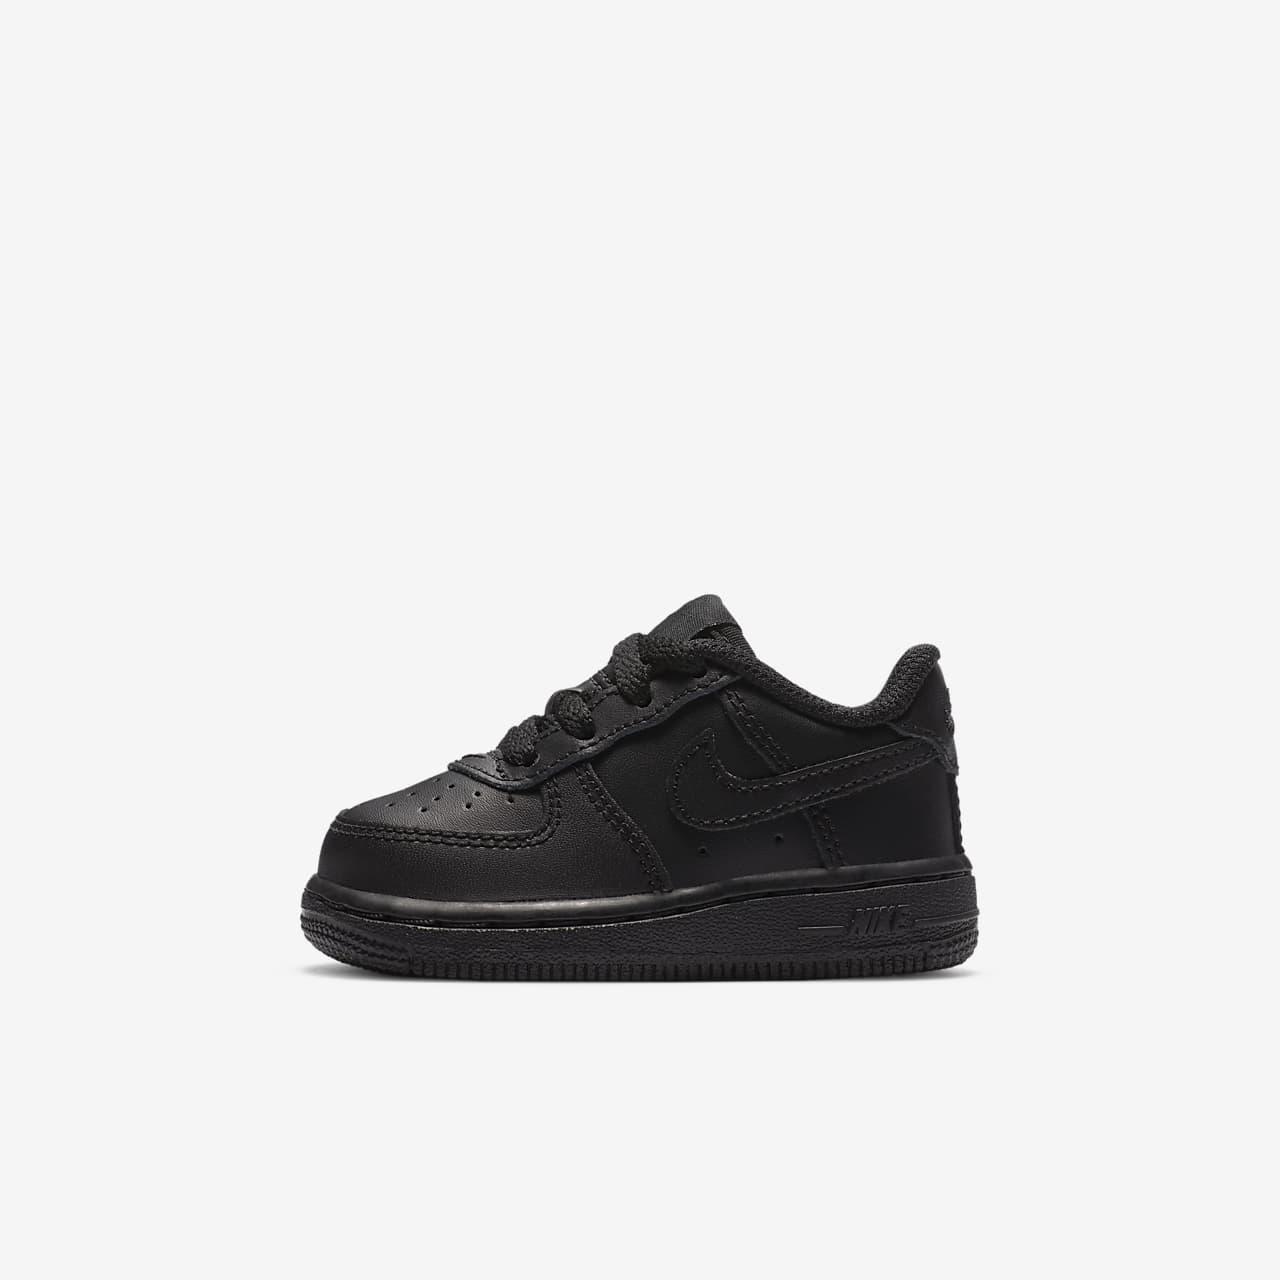 Nike Air Force 1 06 Schoen voor baby's/peuters